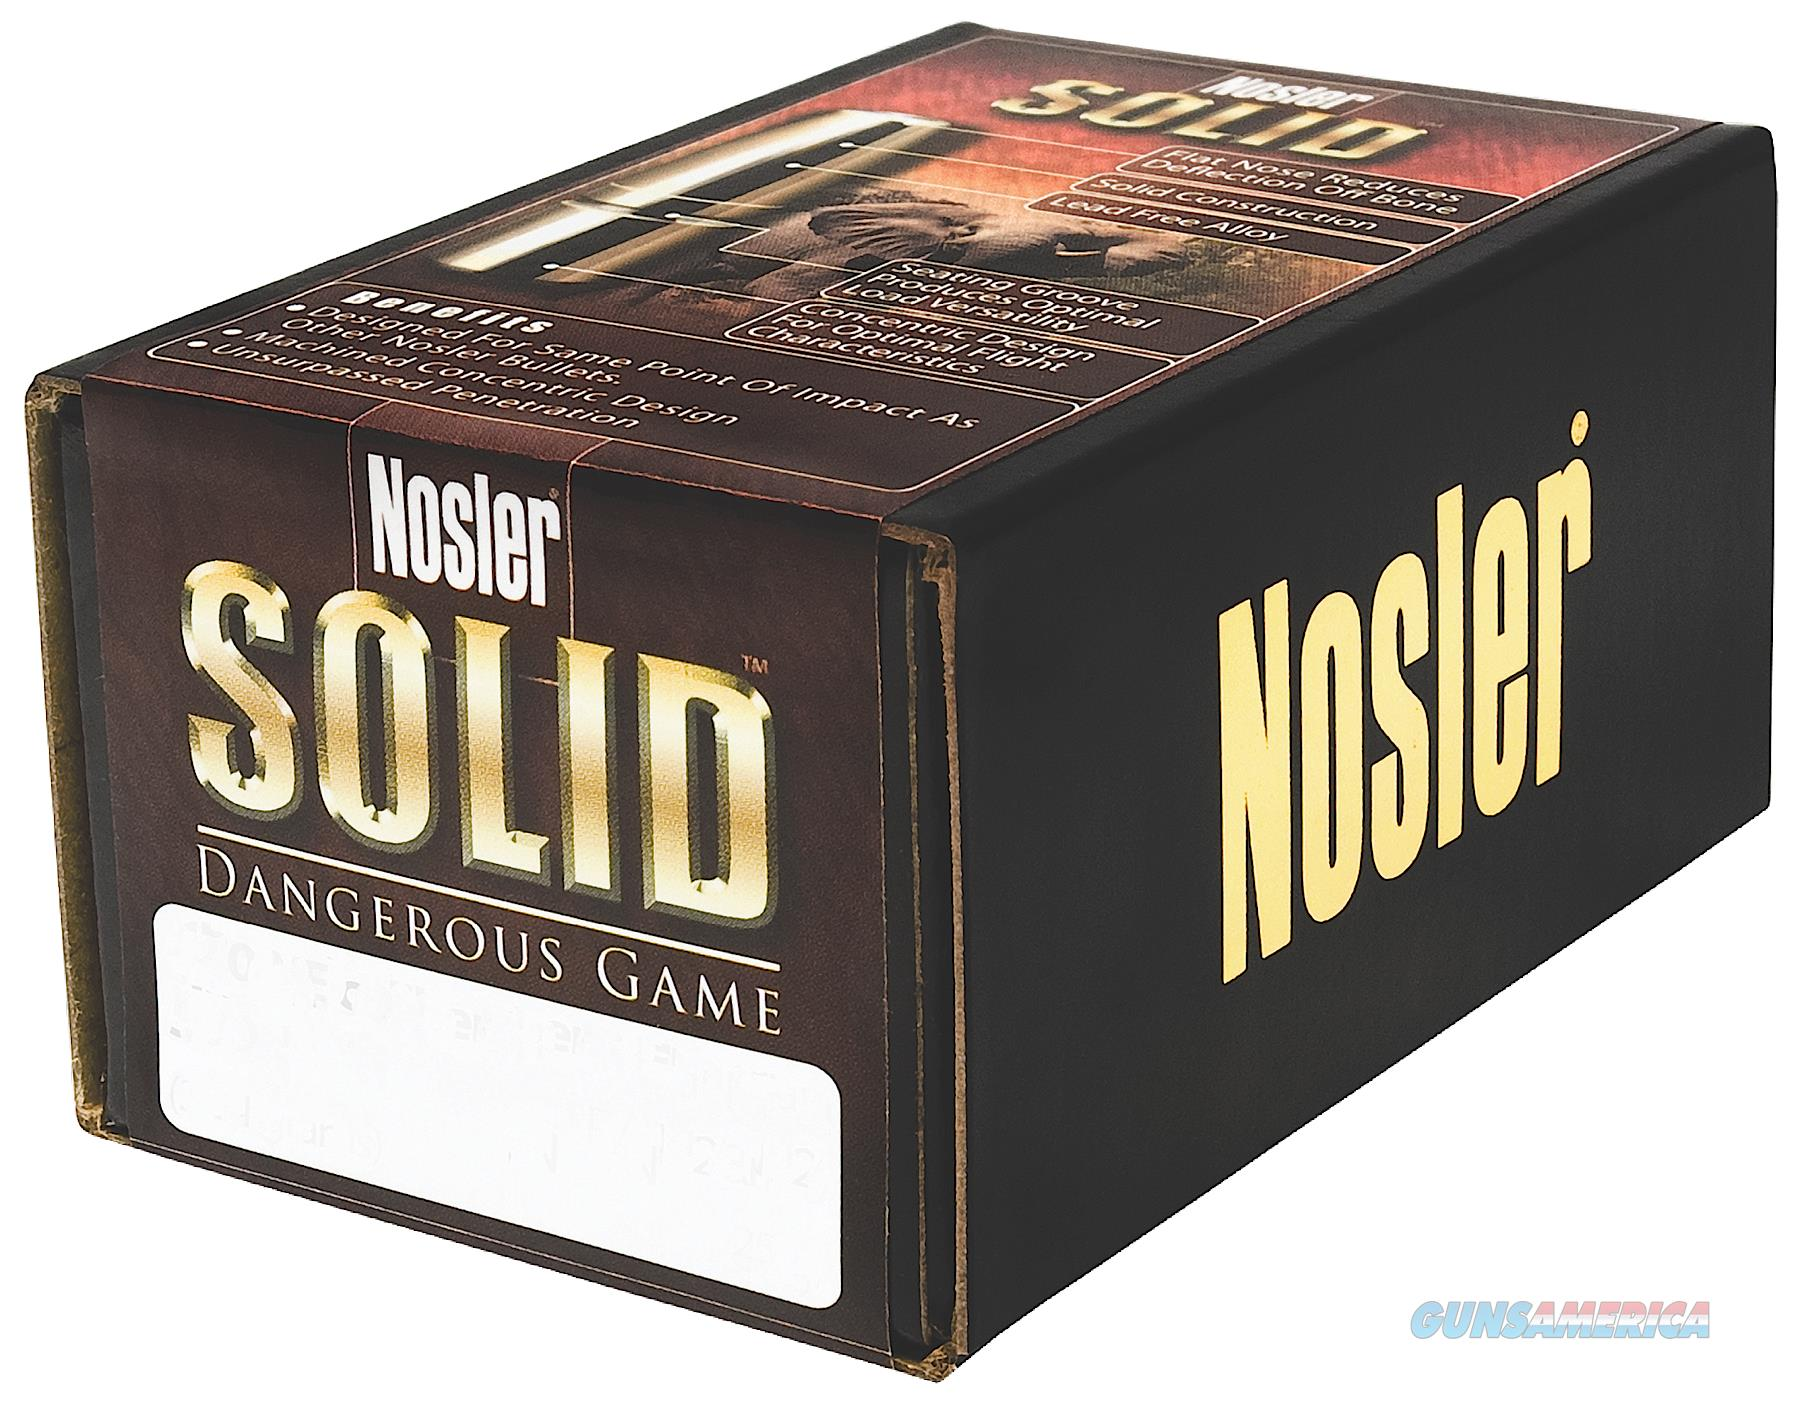 Nosler Solid, Nos 28455 Dg Solid   470 500 Fp     25  Guns > Pistols > 1911 Pistol Copies (non-Colt)